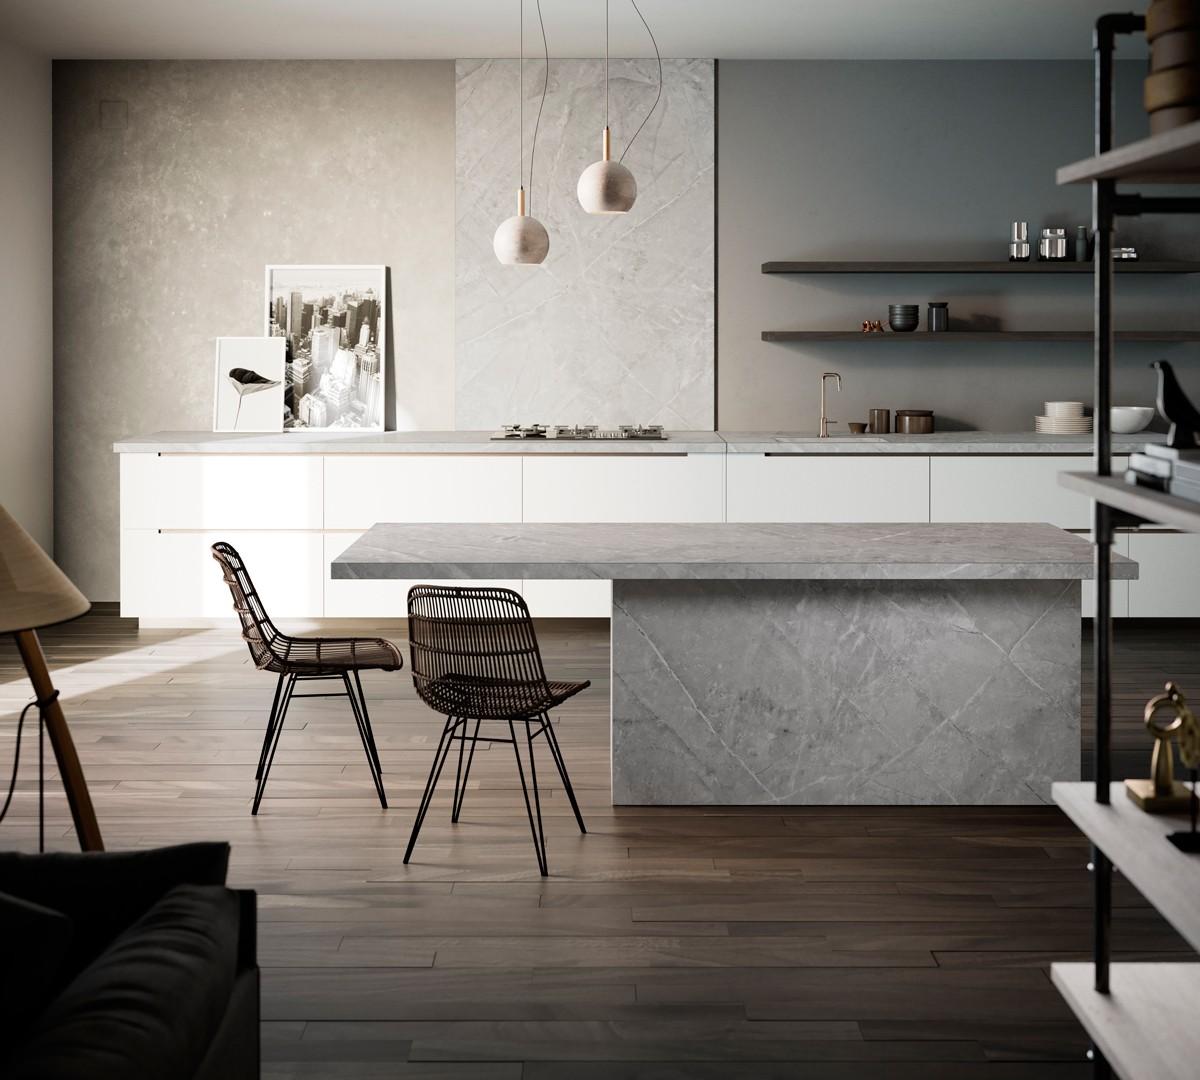 Zelari_Grupo-Cosentino_piedra-sinterizada_encimeras_Kitchen-Design_arquitectura-de-cocinas